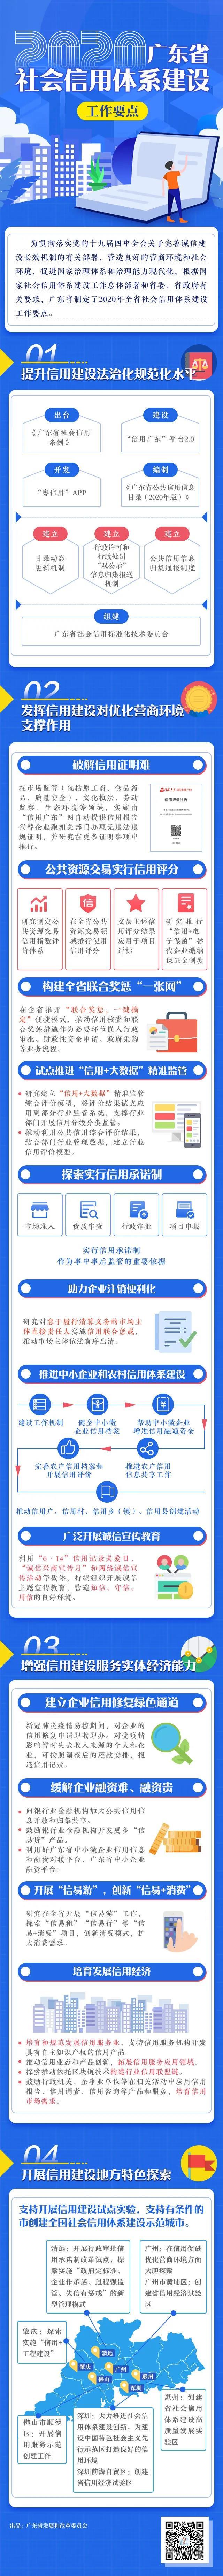 一图读懂:《2020年广东省社会信用体系建设工作要点》.jpg